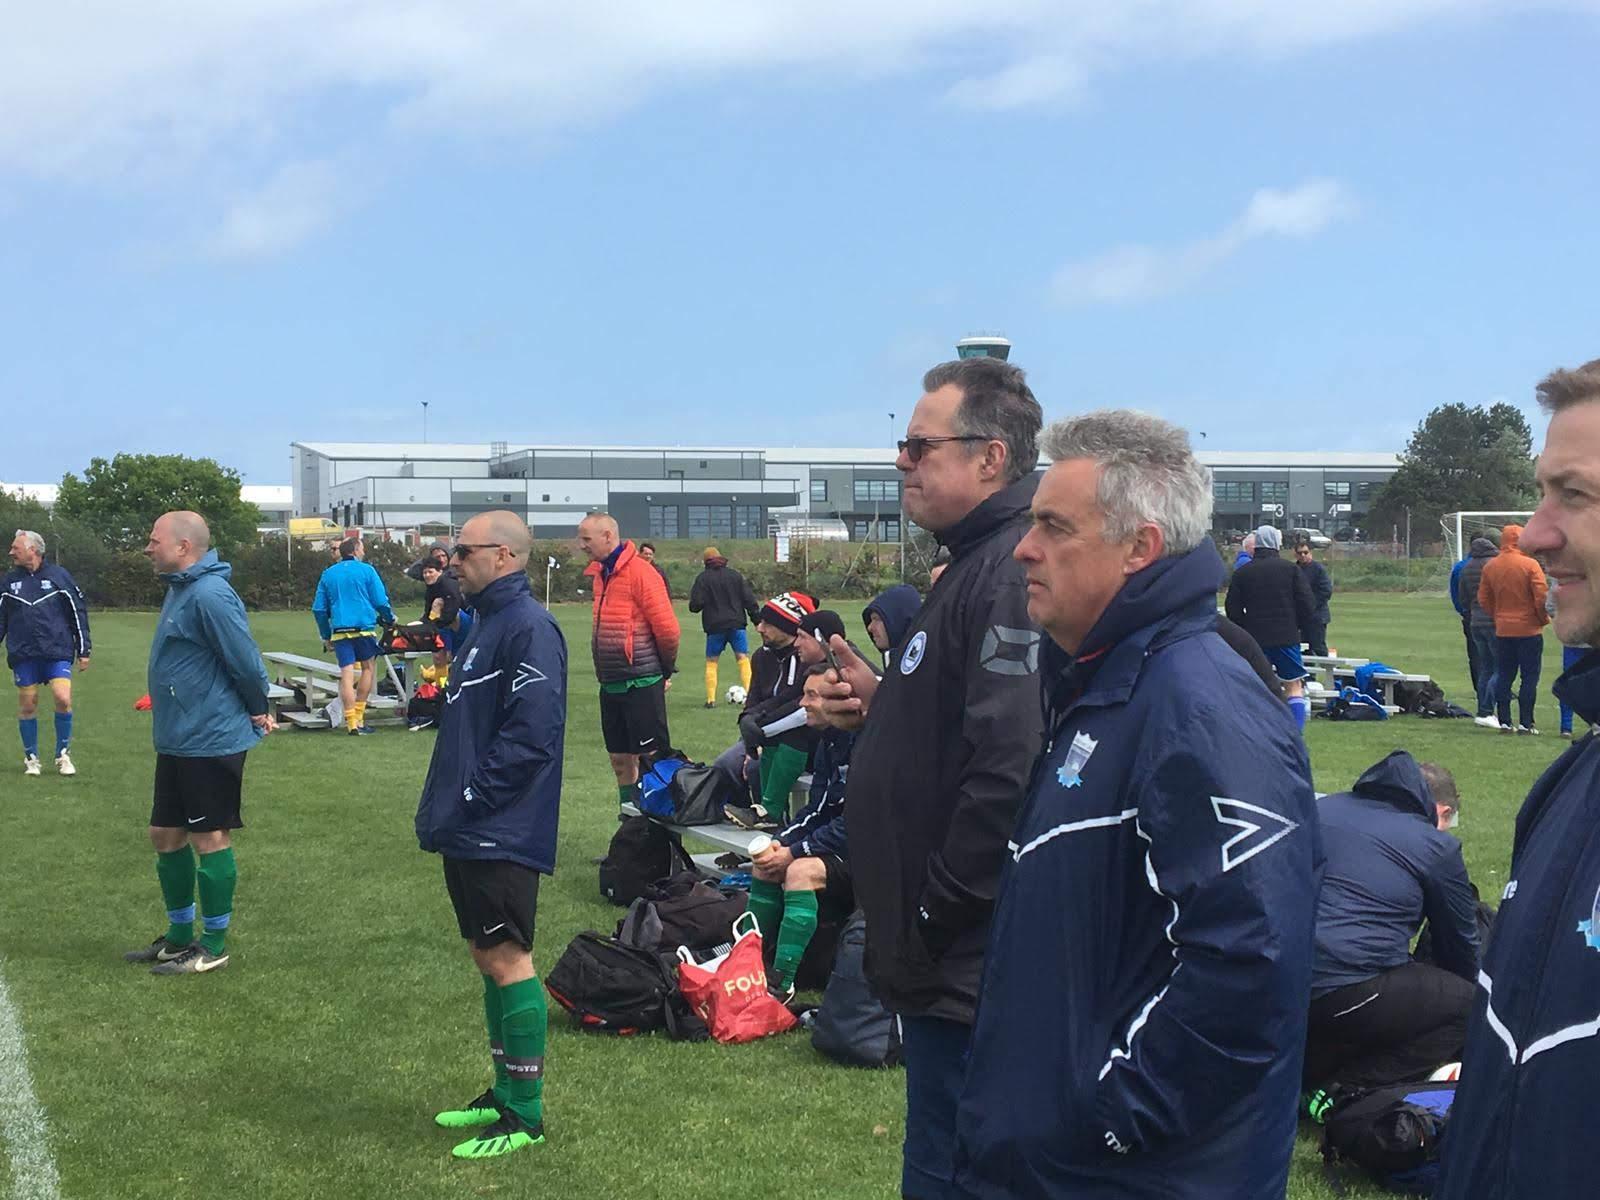 HLF vets football Jersey Tour 2019